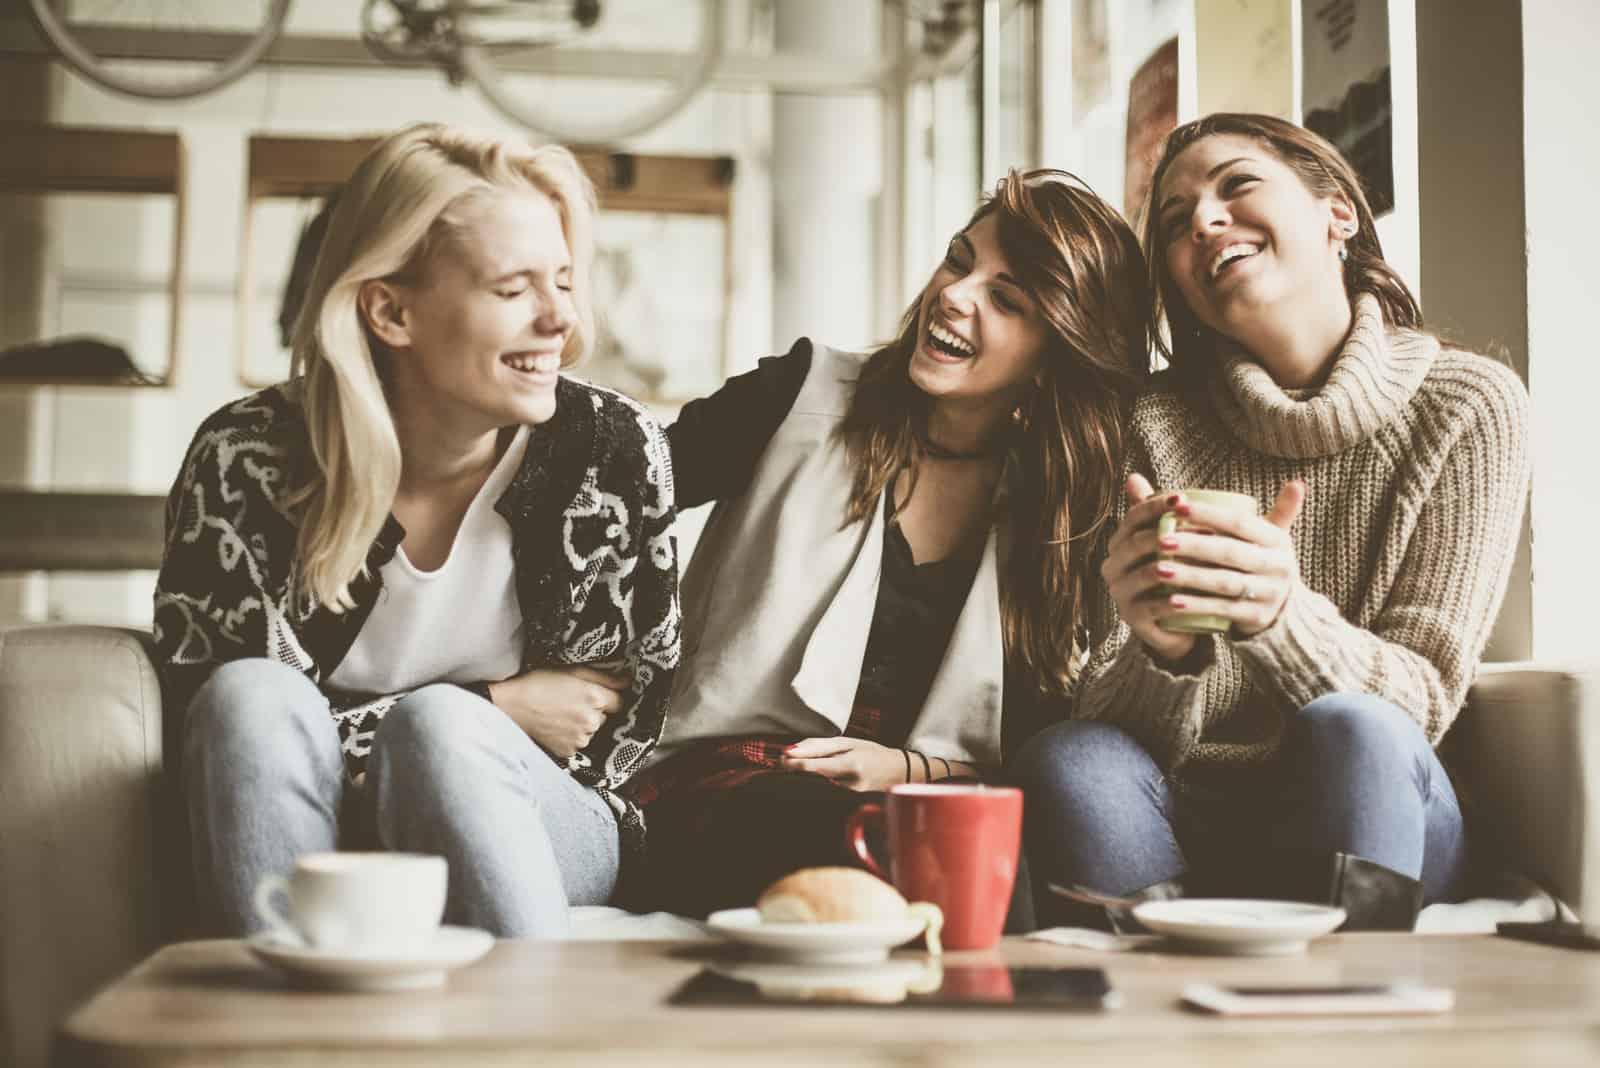 des amis s'assoient dans un café et rient